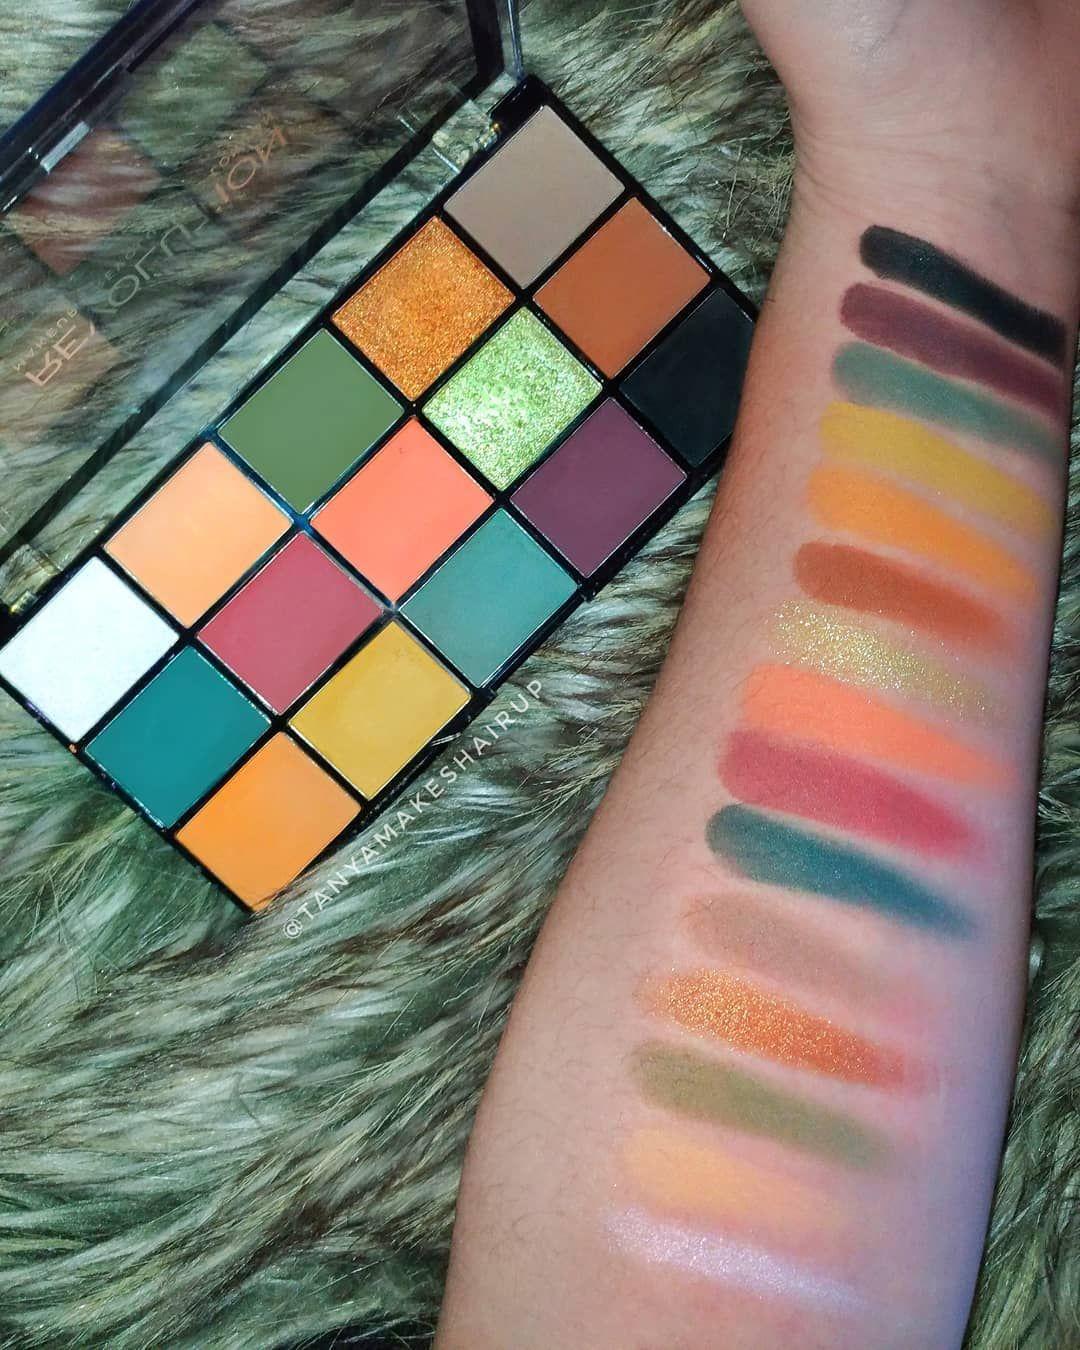 Image result for makeup revolution reloaded palette (With